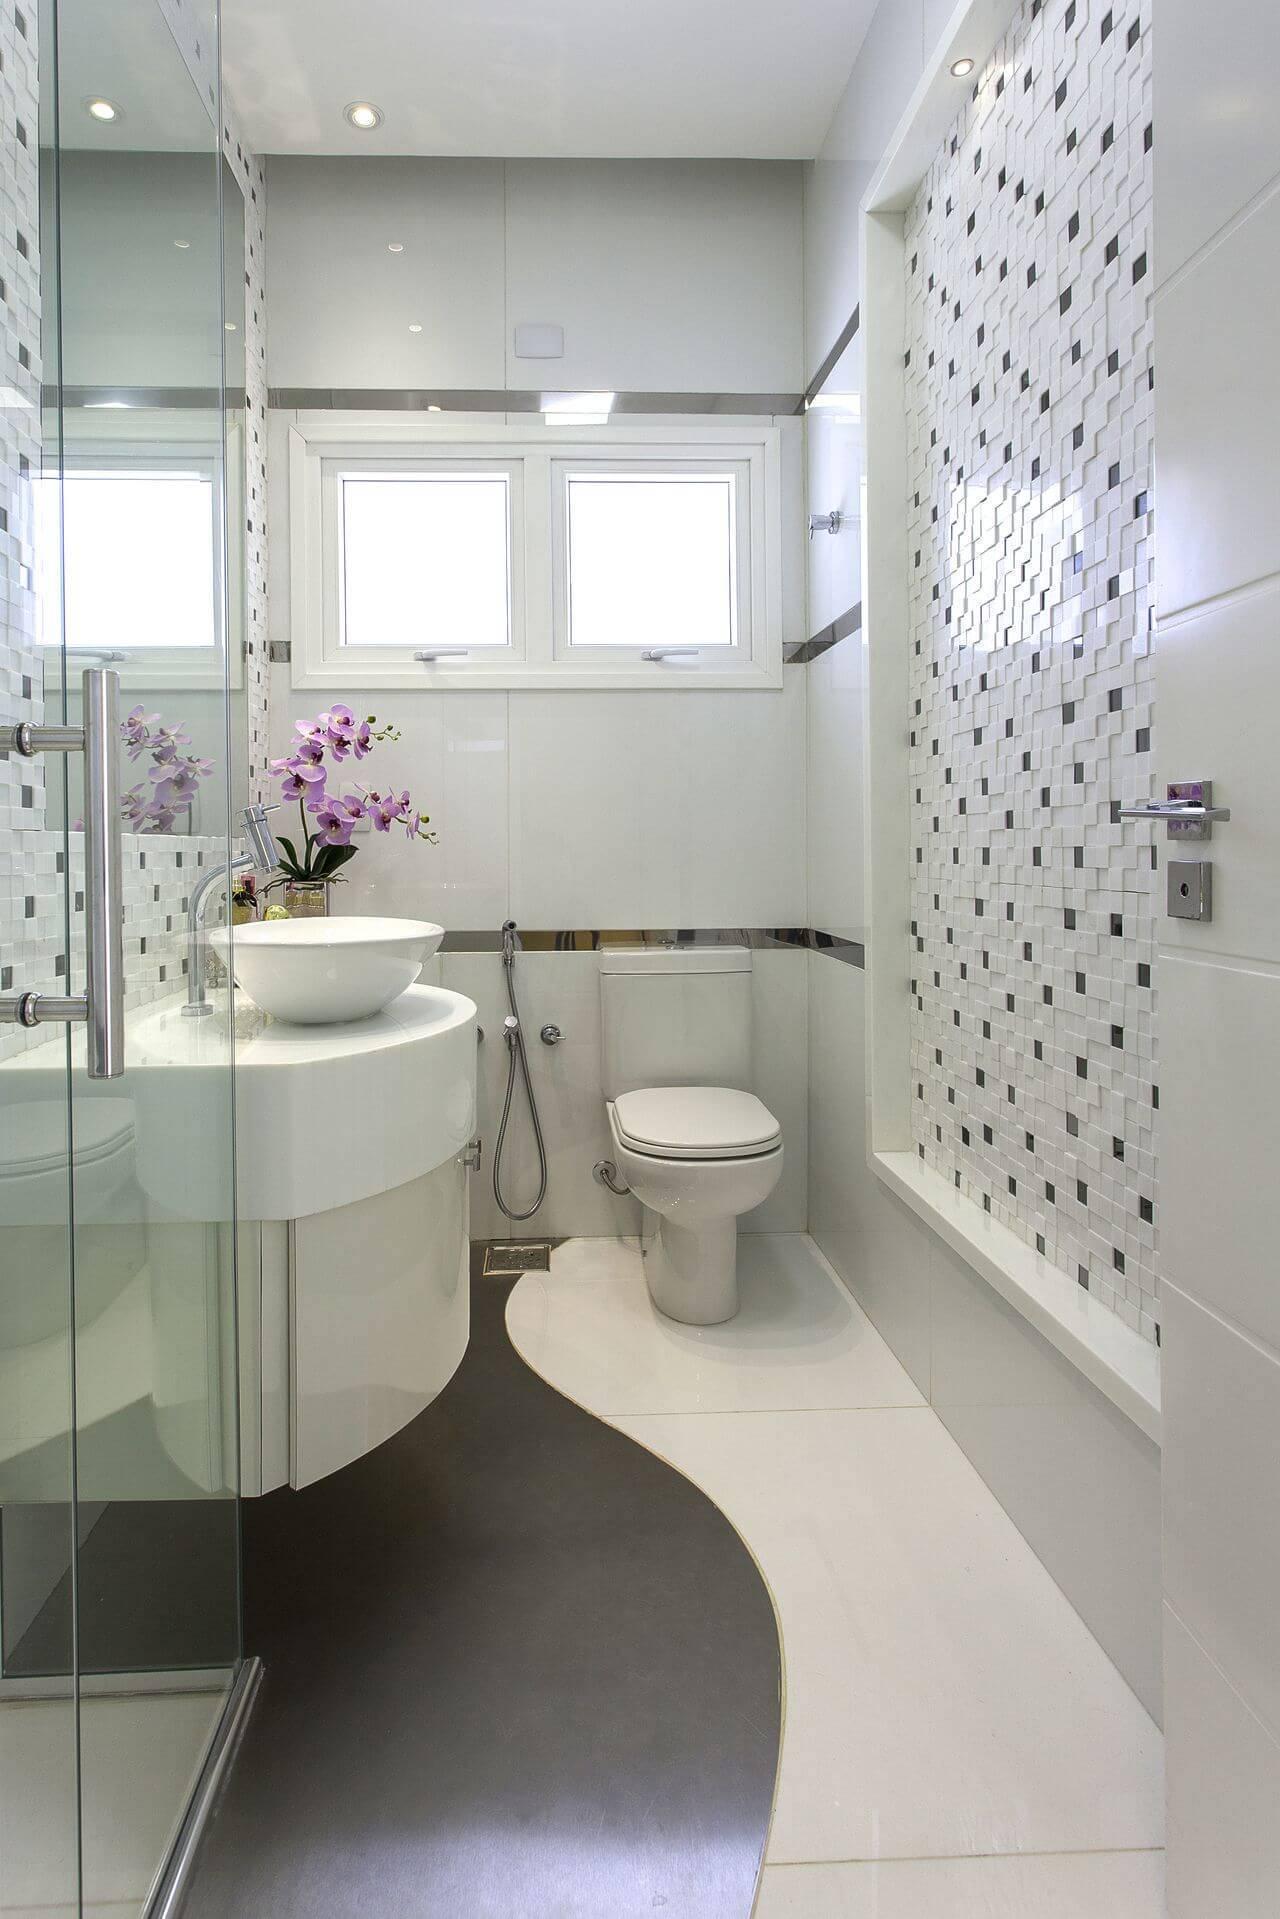 Decoração de banheiro com cores claras, gabinete, espelho amplo e box claro Projeto de Aquiles Nicolas Kílaris